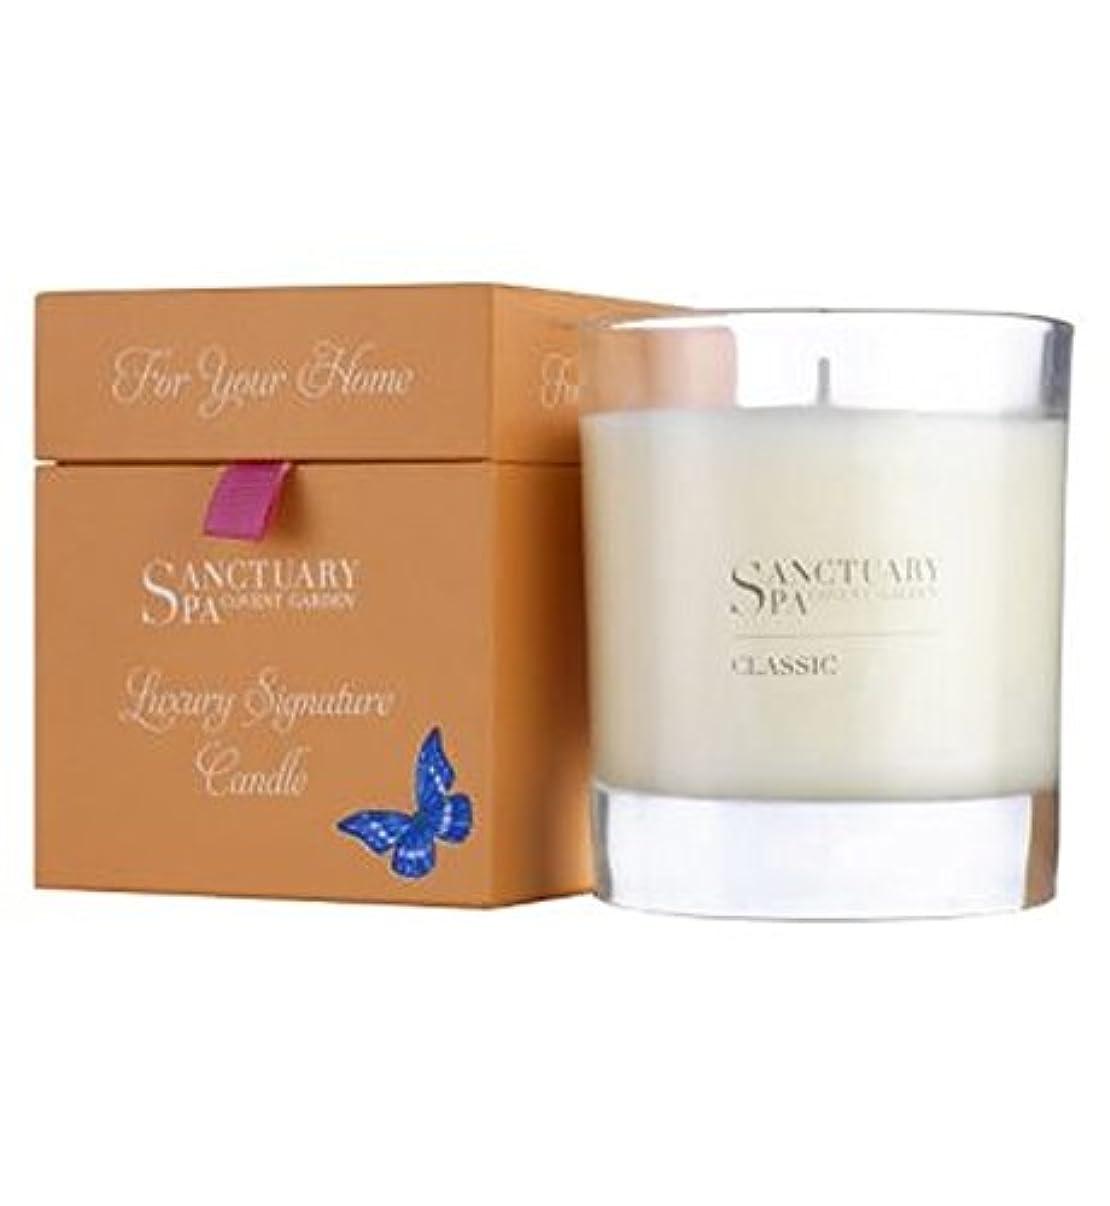 慢性的腐敗聡明聖域のクラシックフレグランスキャンドル (Sanctuary) (x2) - Sanctuary Classic Fragranced Candle (Pack of 2) [並行輸入品]